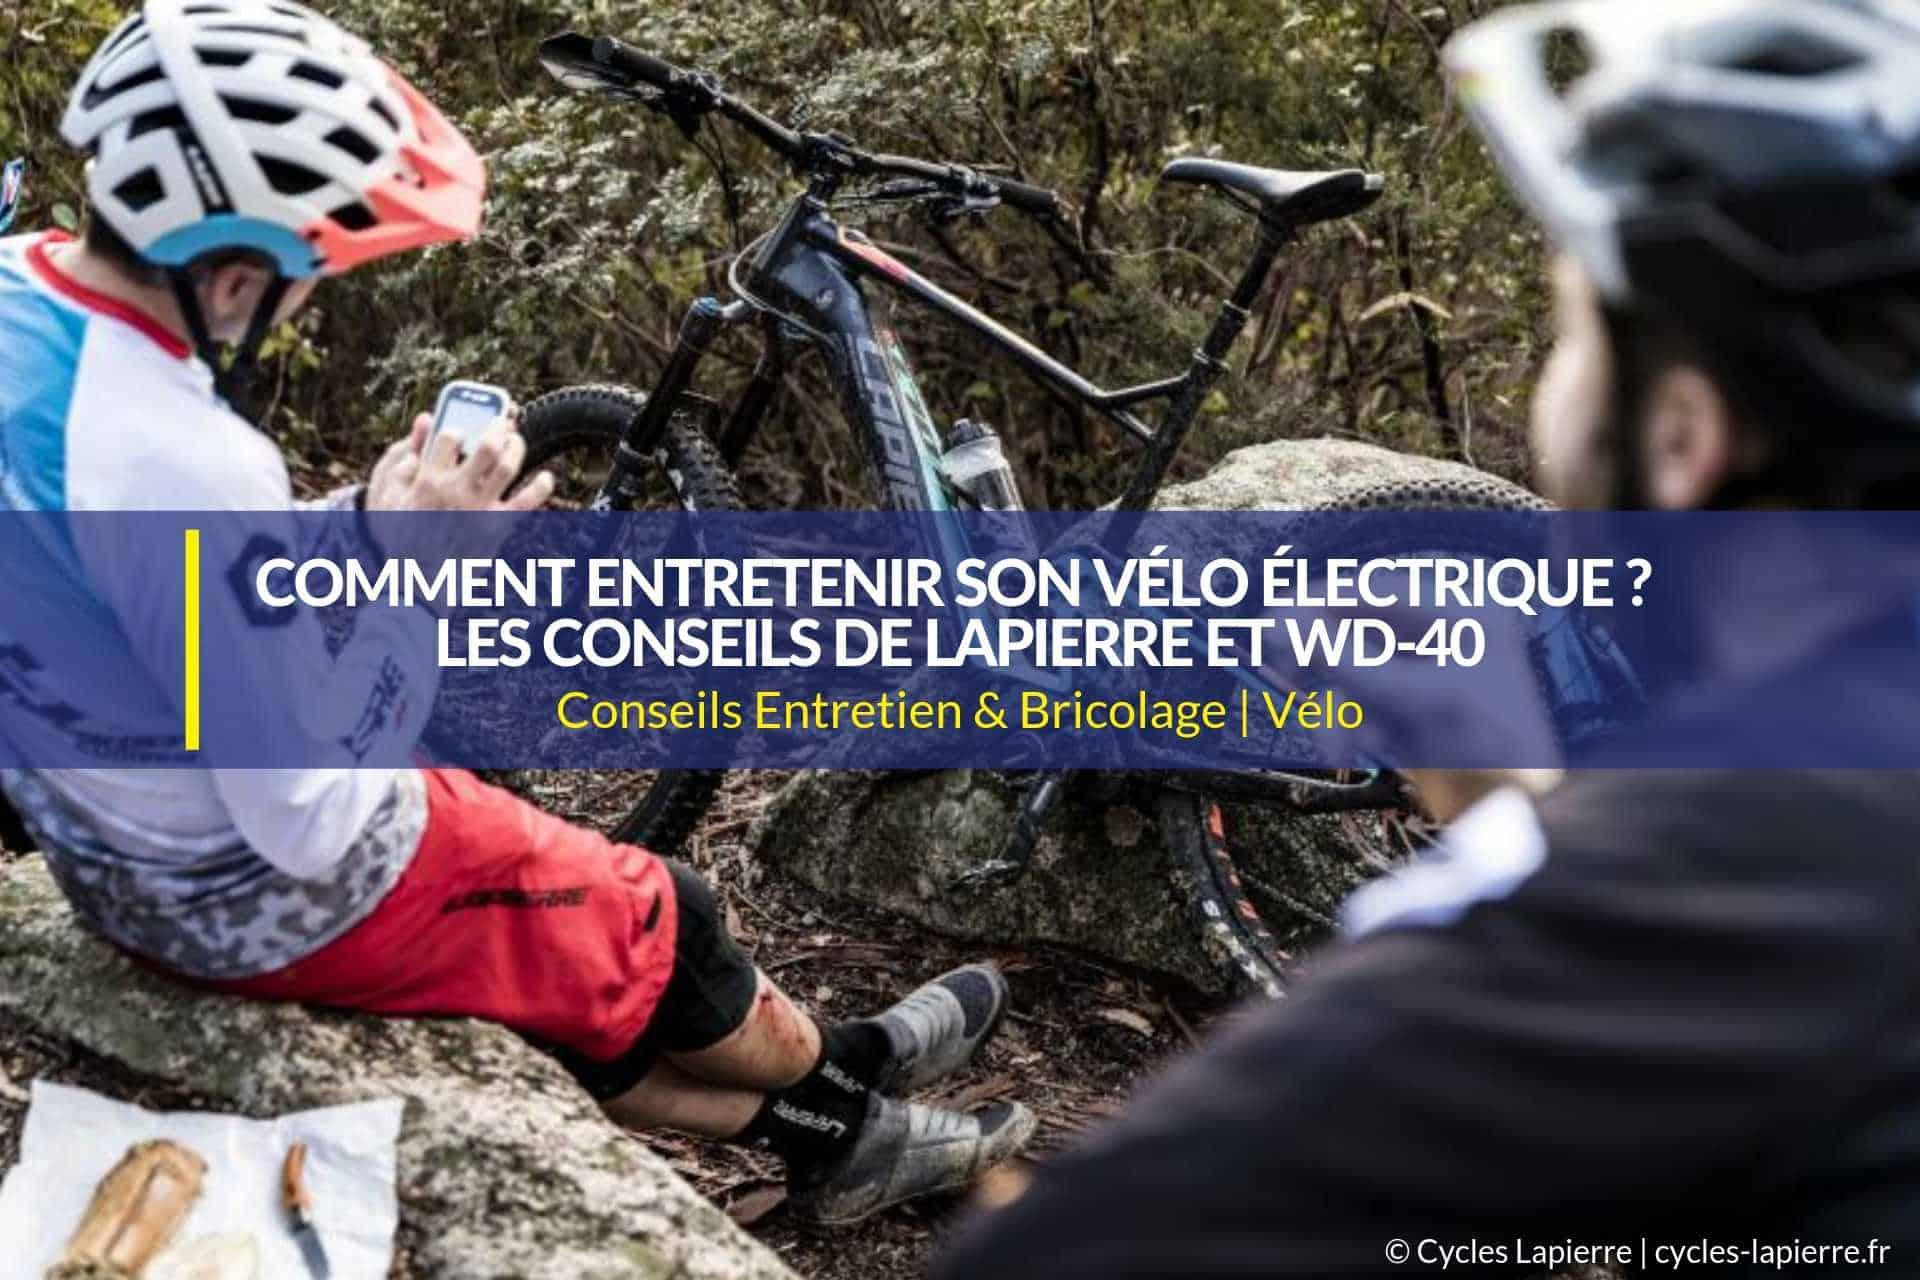 entretenir son vélo électrique lapierre